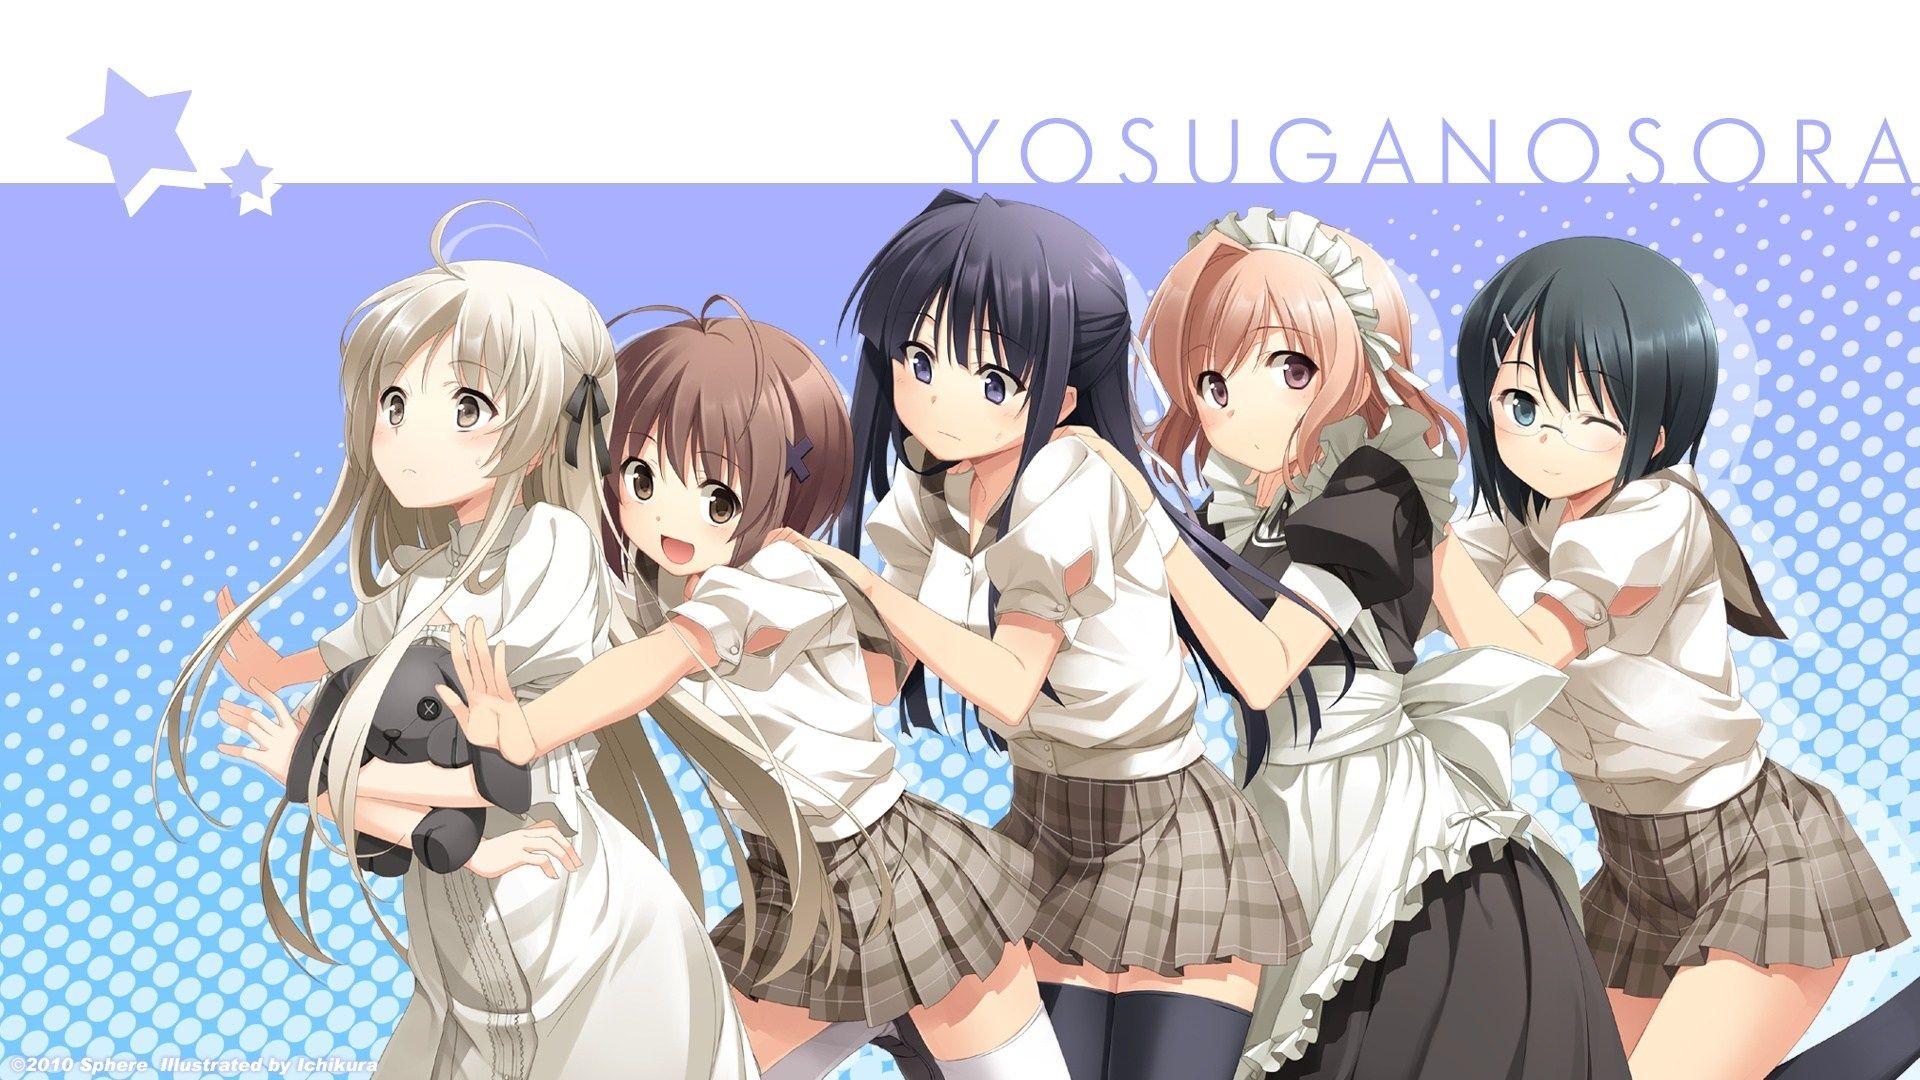 Anime Yosuga No Sora Akira Amatsume Nao Yorihime Motoka